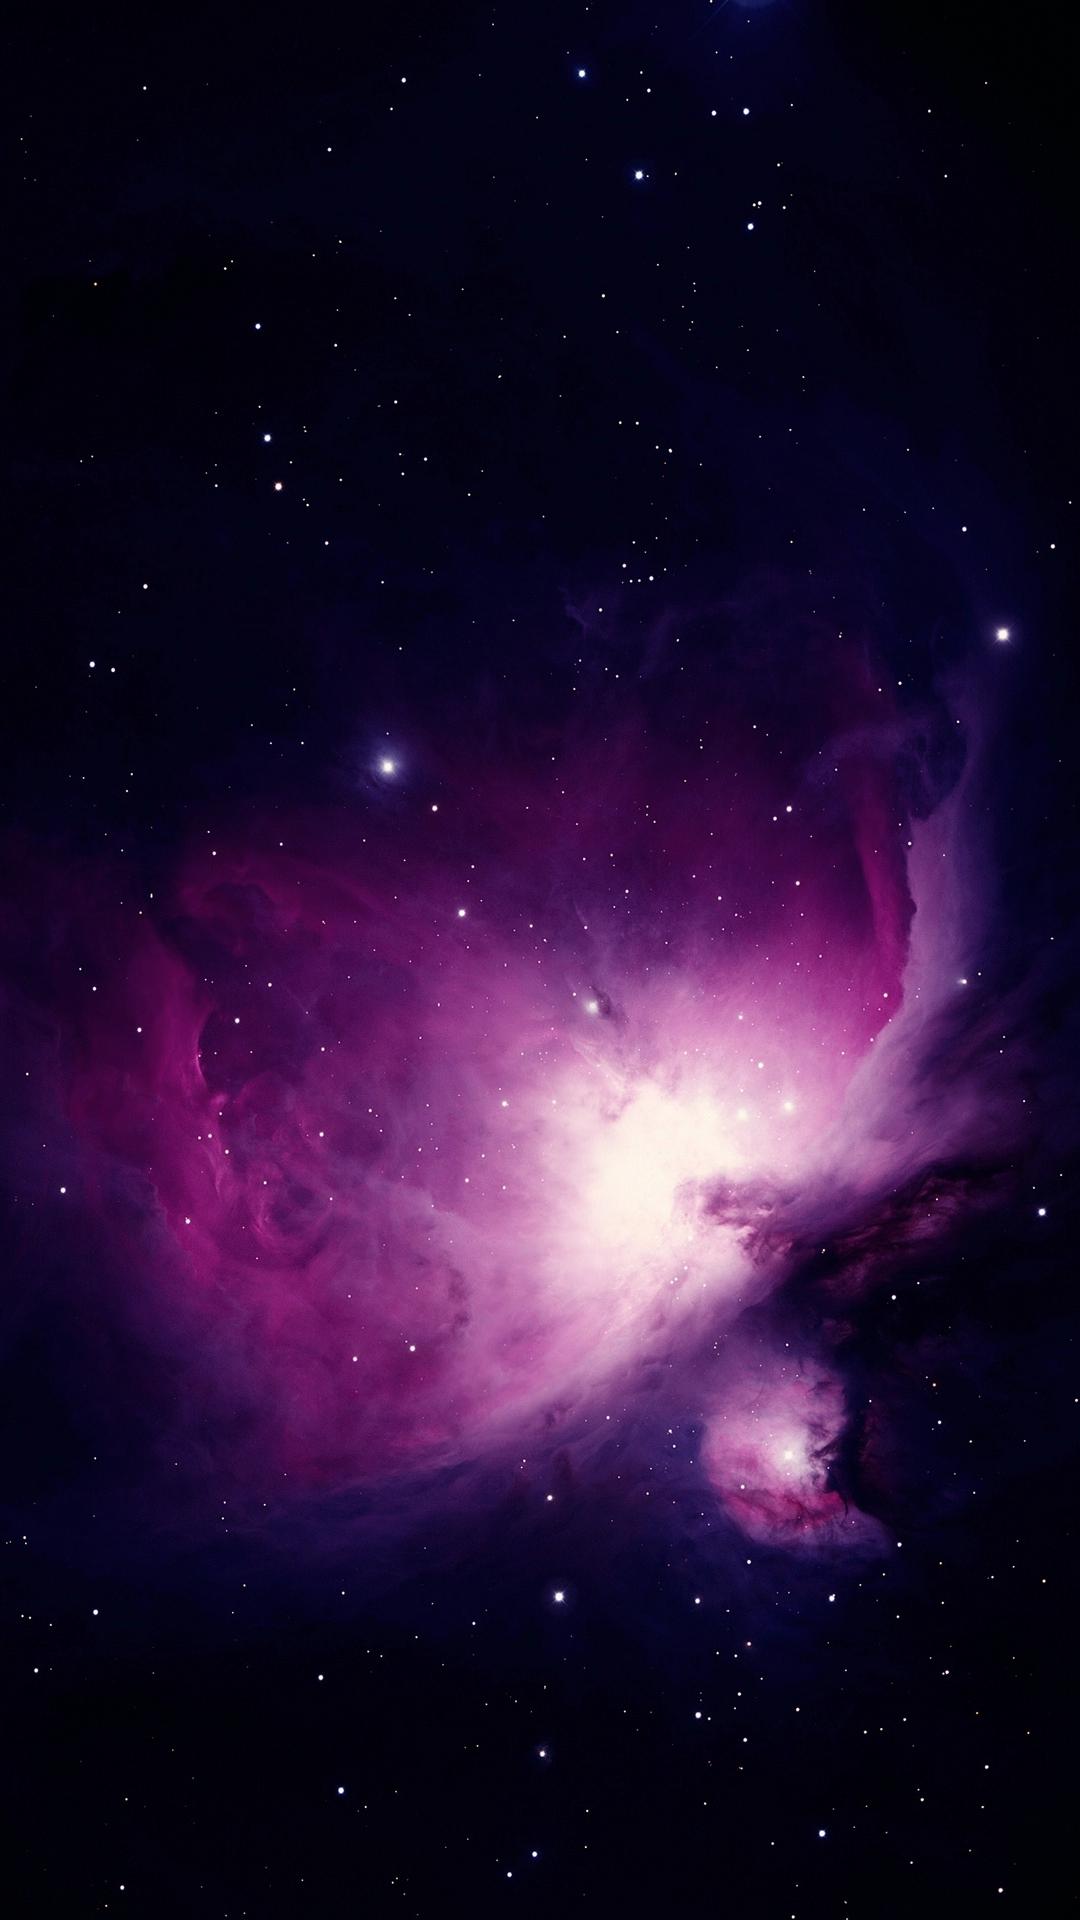 iPhone 6 Plus Space Wallpaper - WallpaperSafari